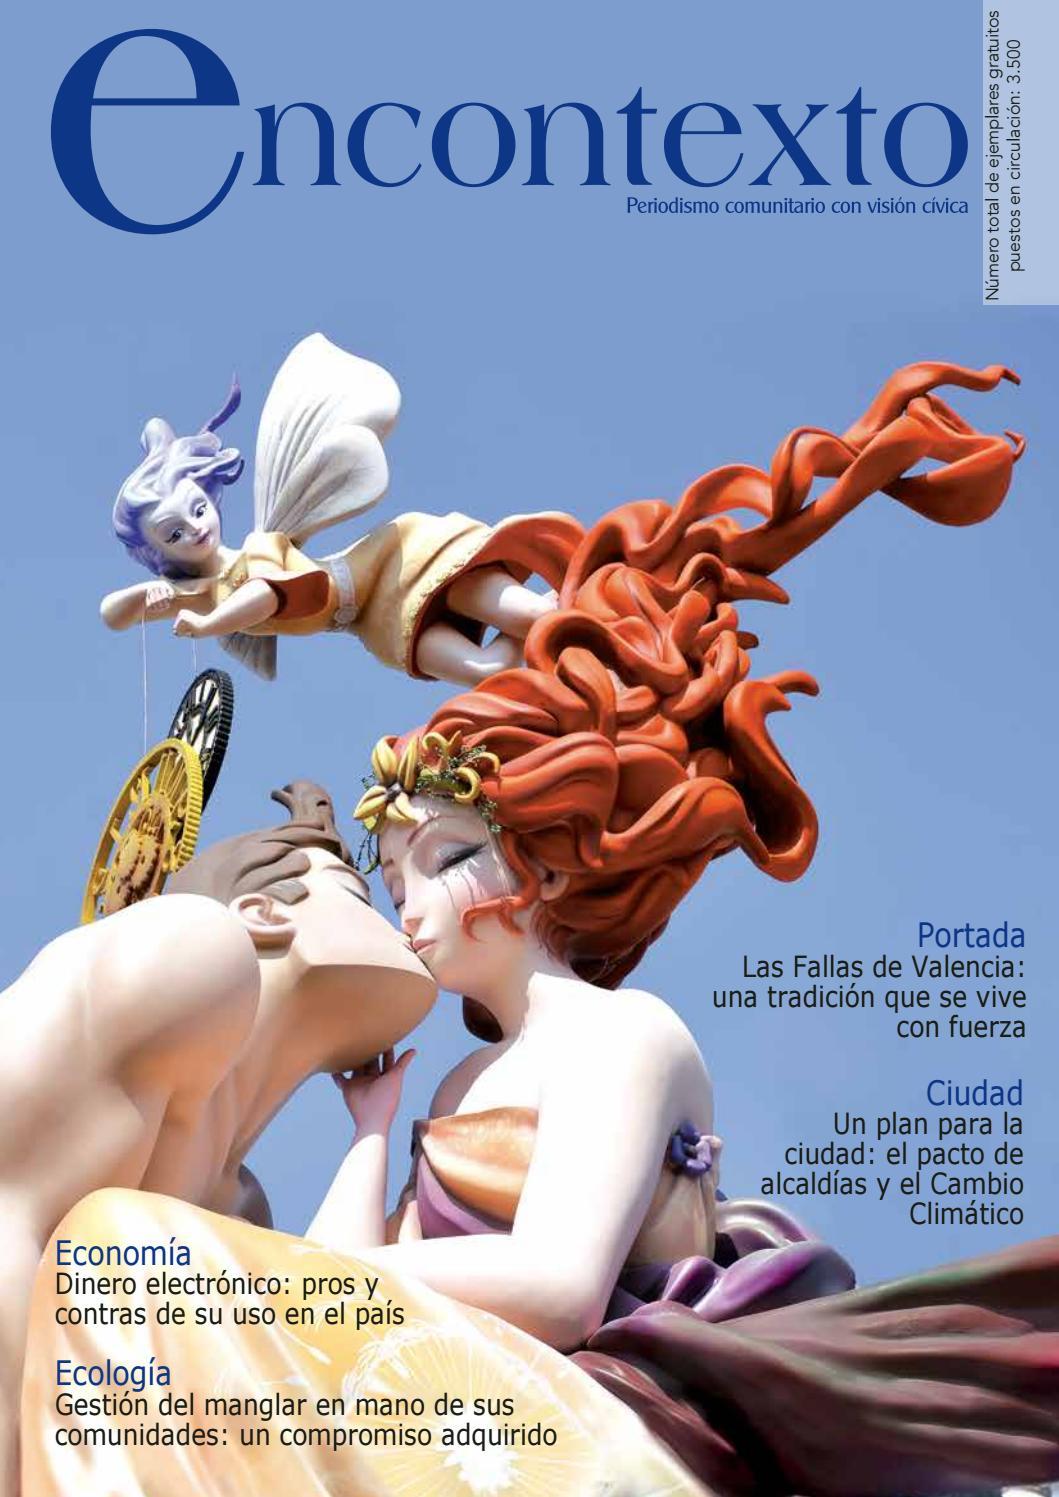 Revista Encontexto edición 68 by Ecuador Encontexto - issuu c1cfb0860c6